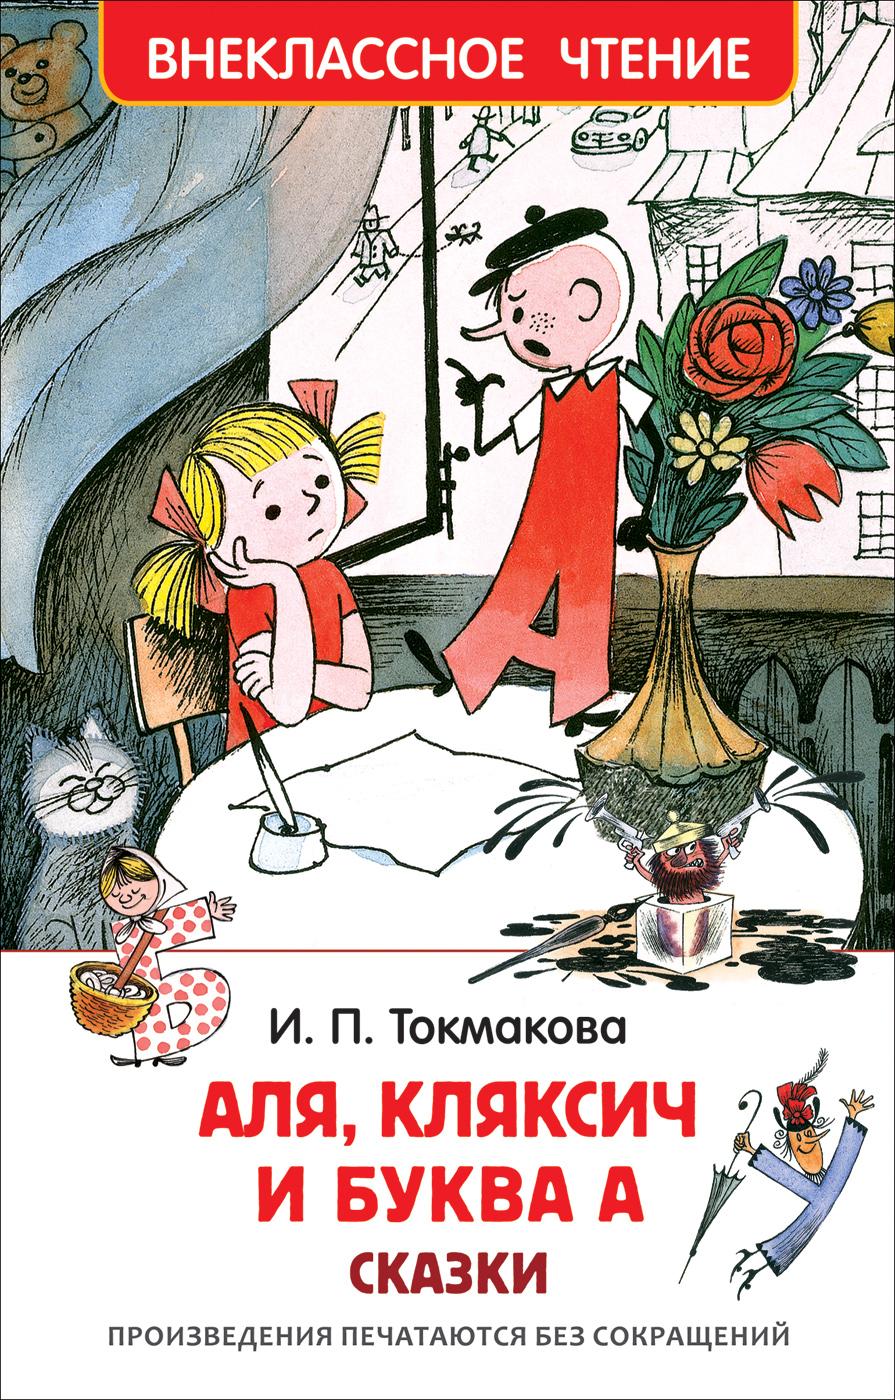 И. П. Токмакова Аля, Кляксич и буква А токмакова и п повести земли русской